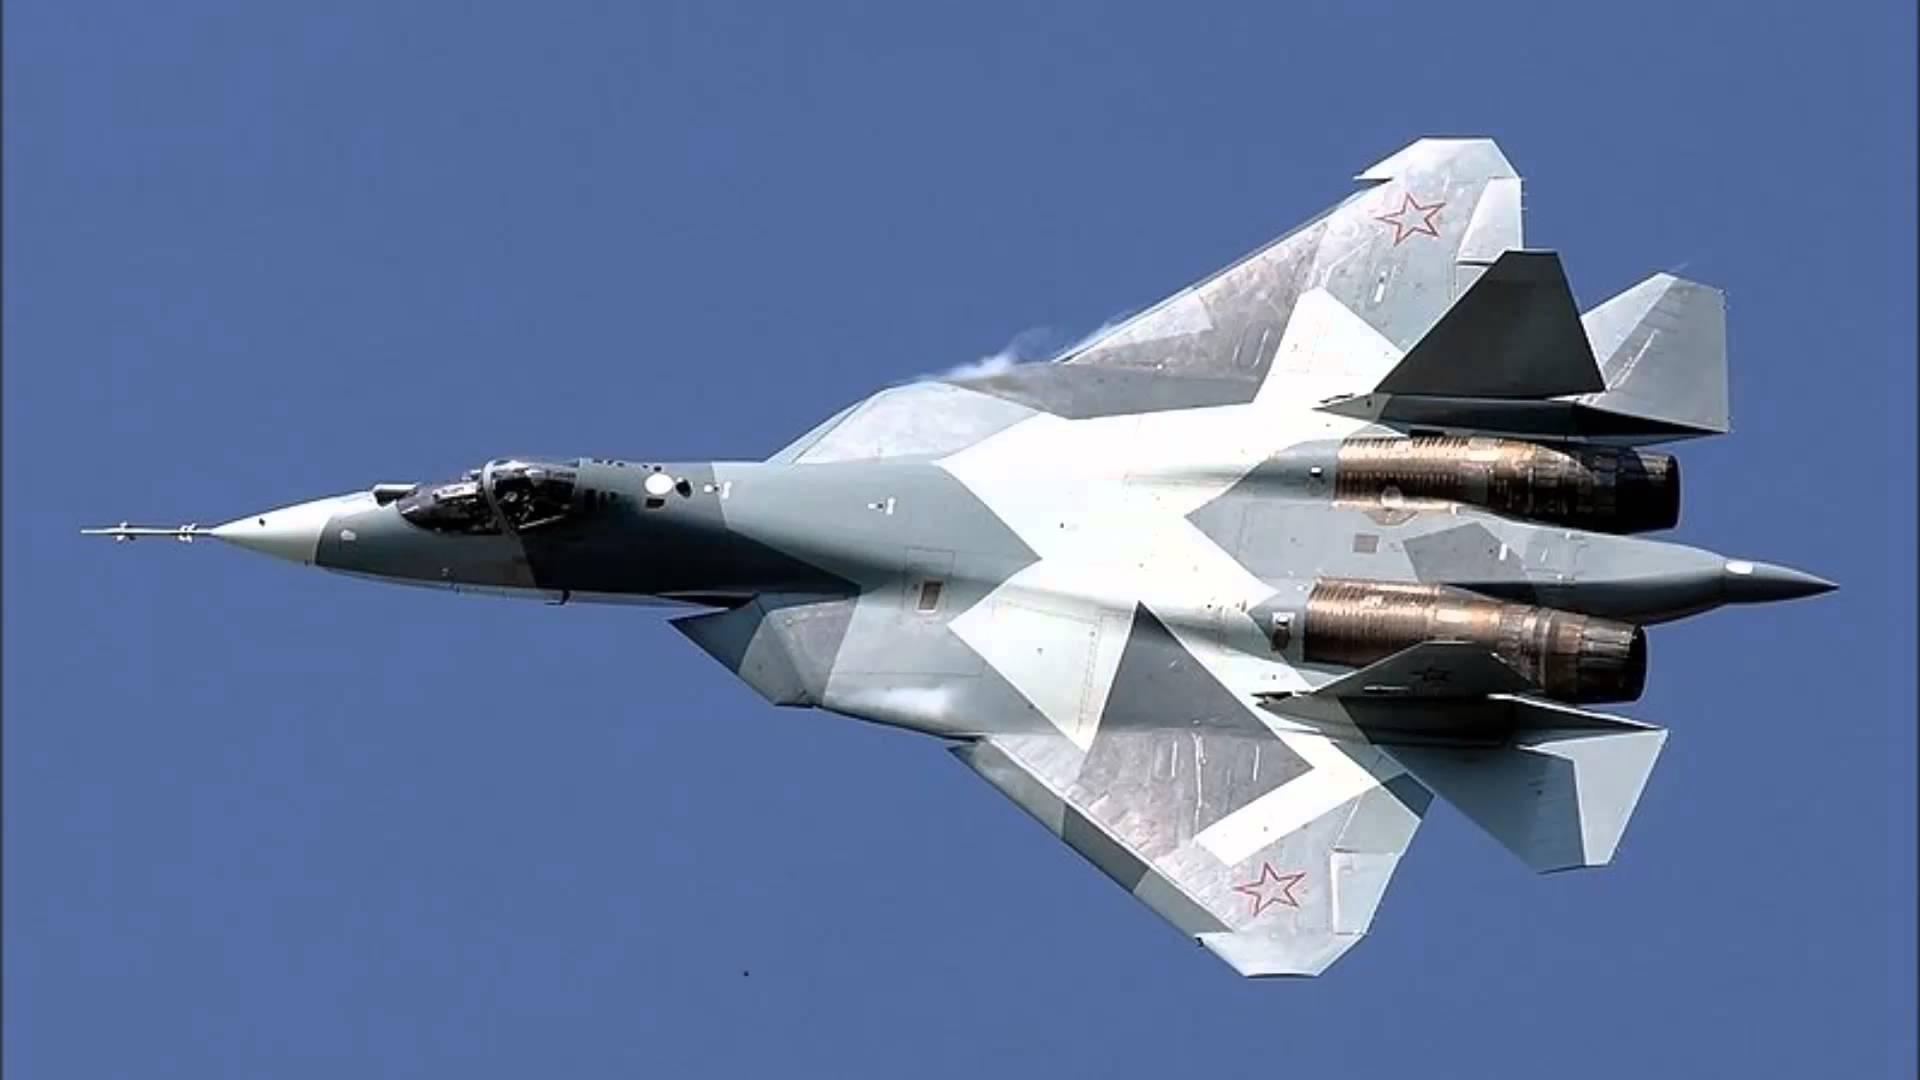 Обои истребитель, бомбардировка, будущего. Авиация foto 14